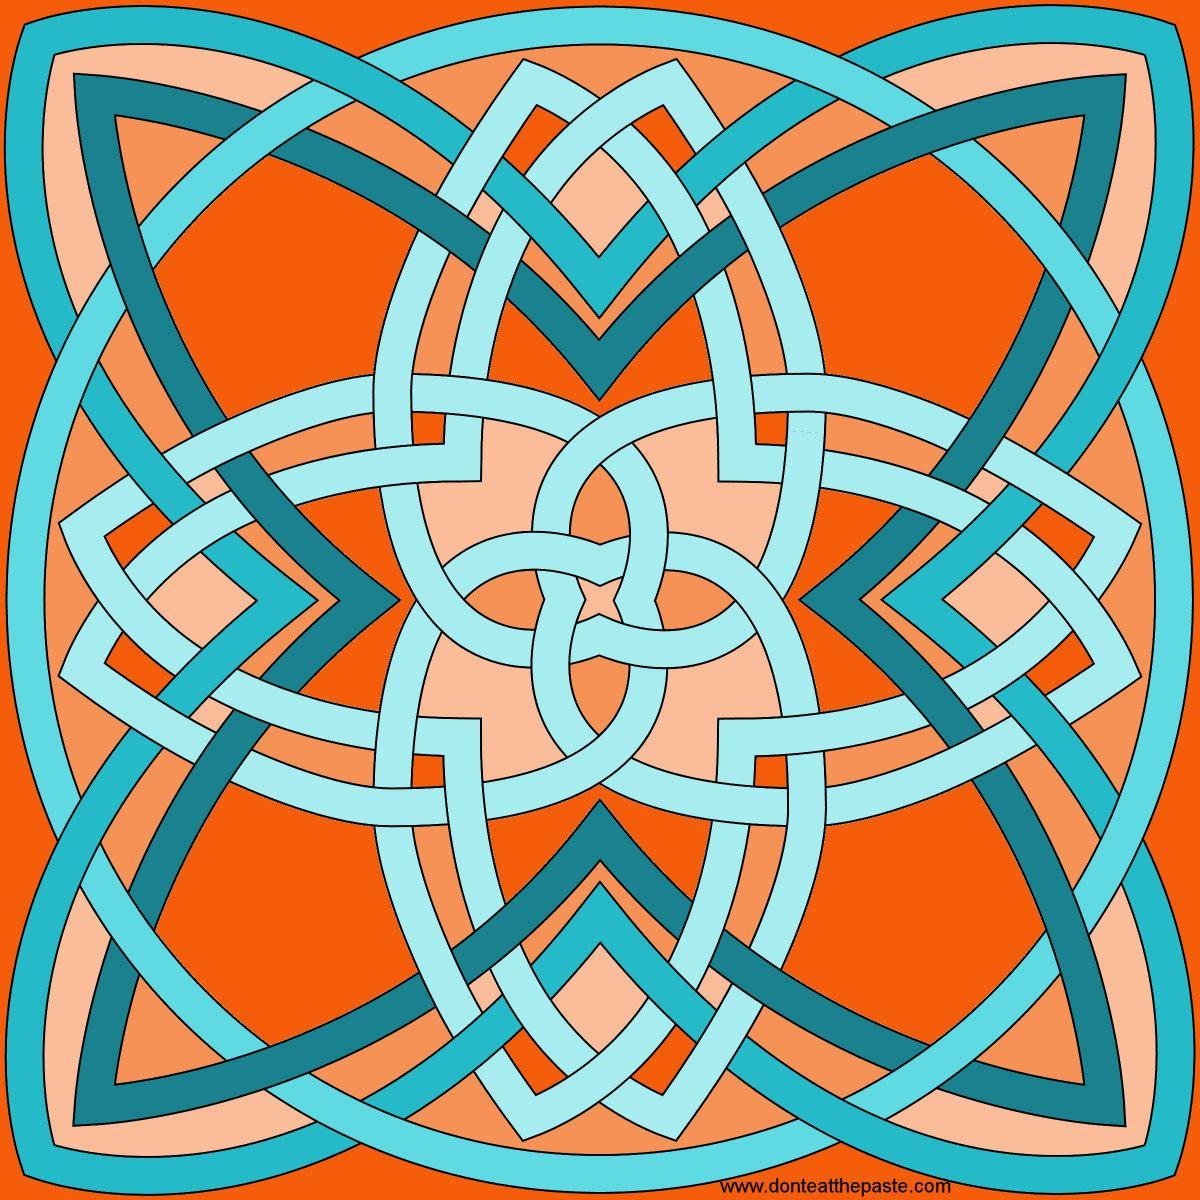 4 strand, 4 sided knot | nudos celtas | Pinterest | Mandalas, Celta ...